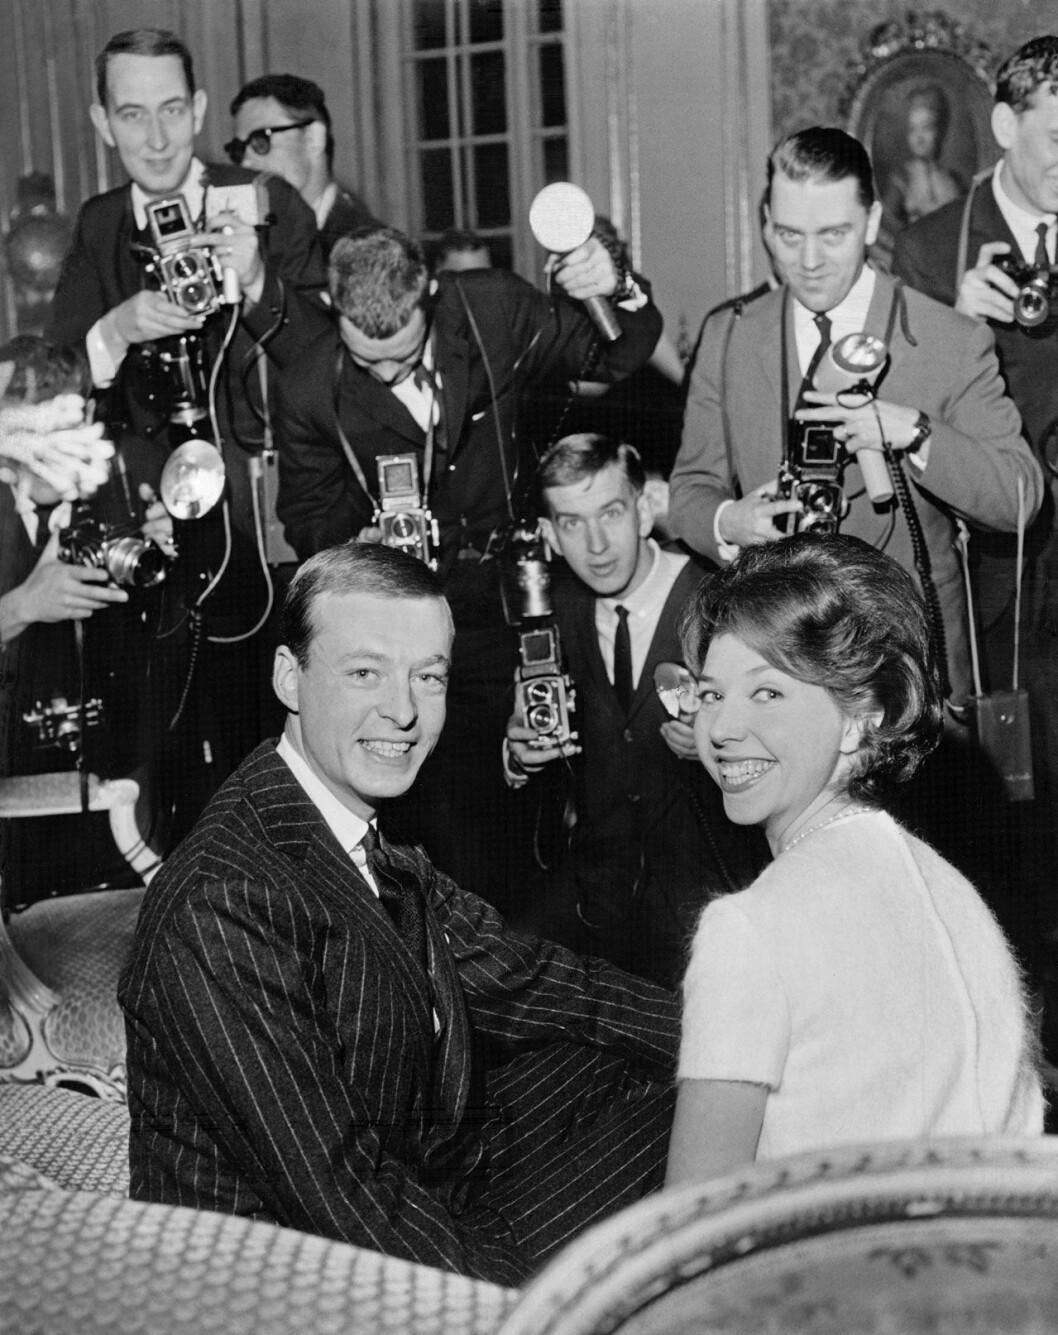 Prinsessan Désirée förlovad med friherre Niclas Silfverschiöld 1963.